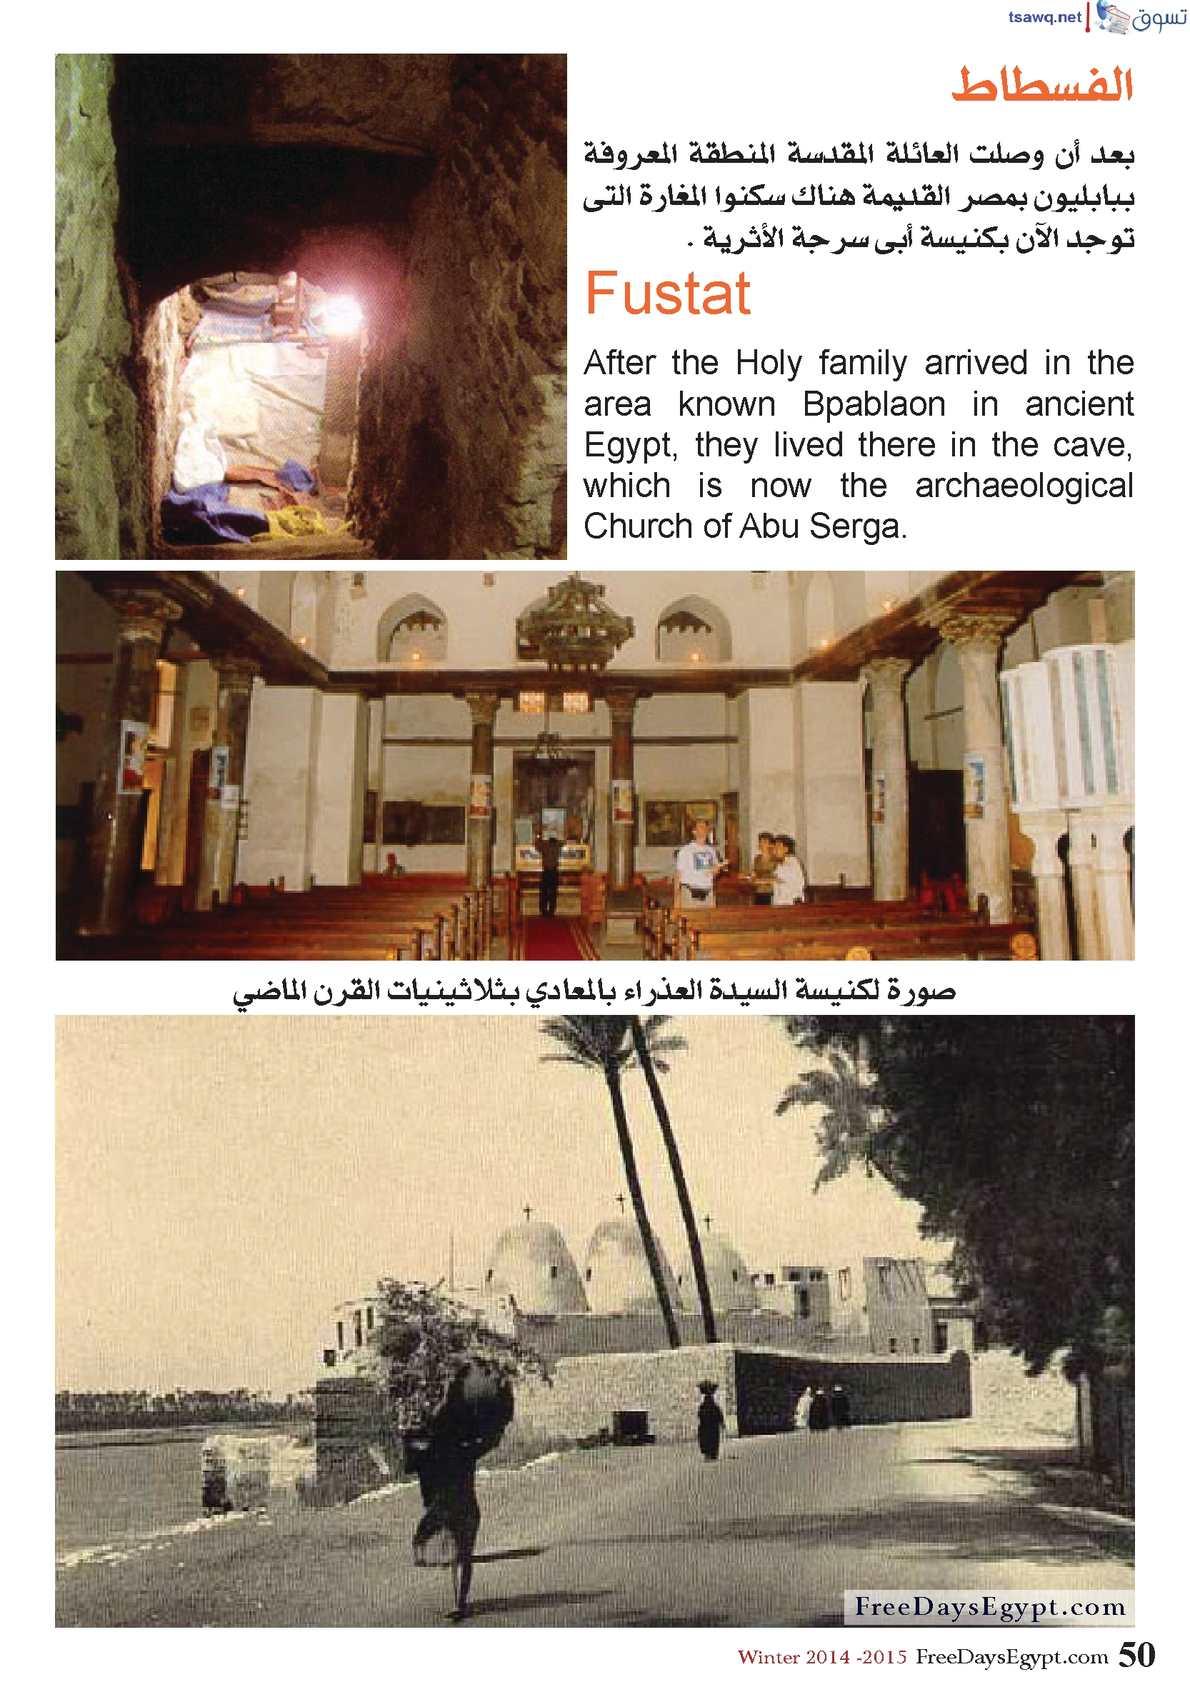 b008ac1ab مجلة السياحة المصرية العدد 129 ديسمبر 2014 رحلة العائلة المقدسة